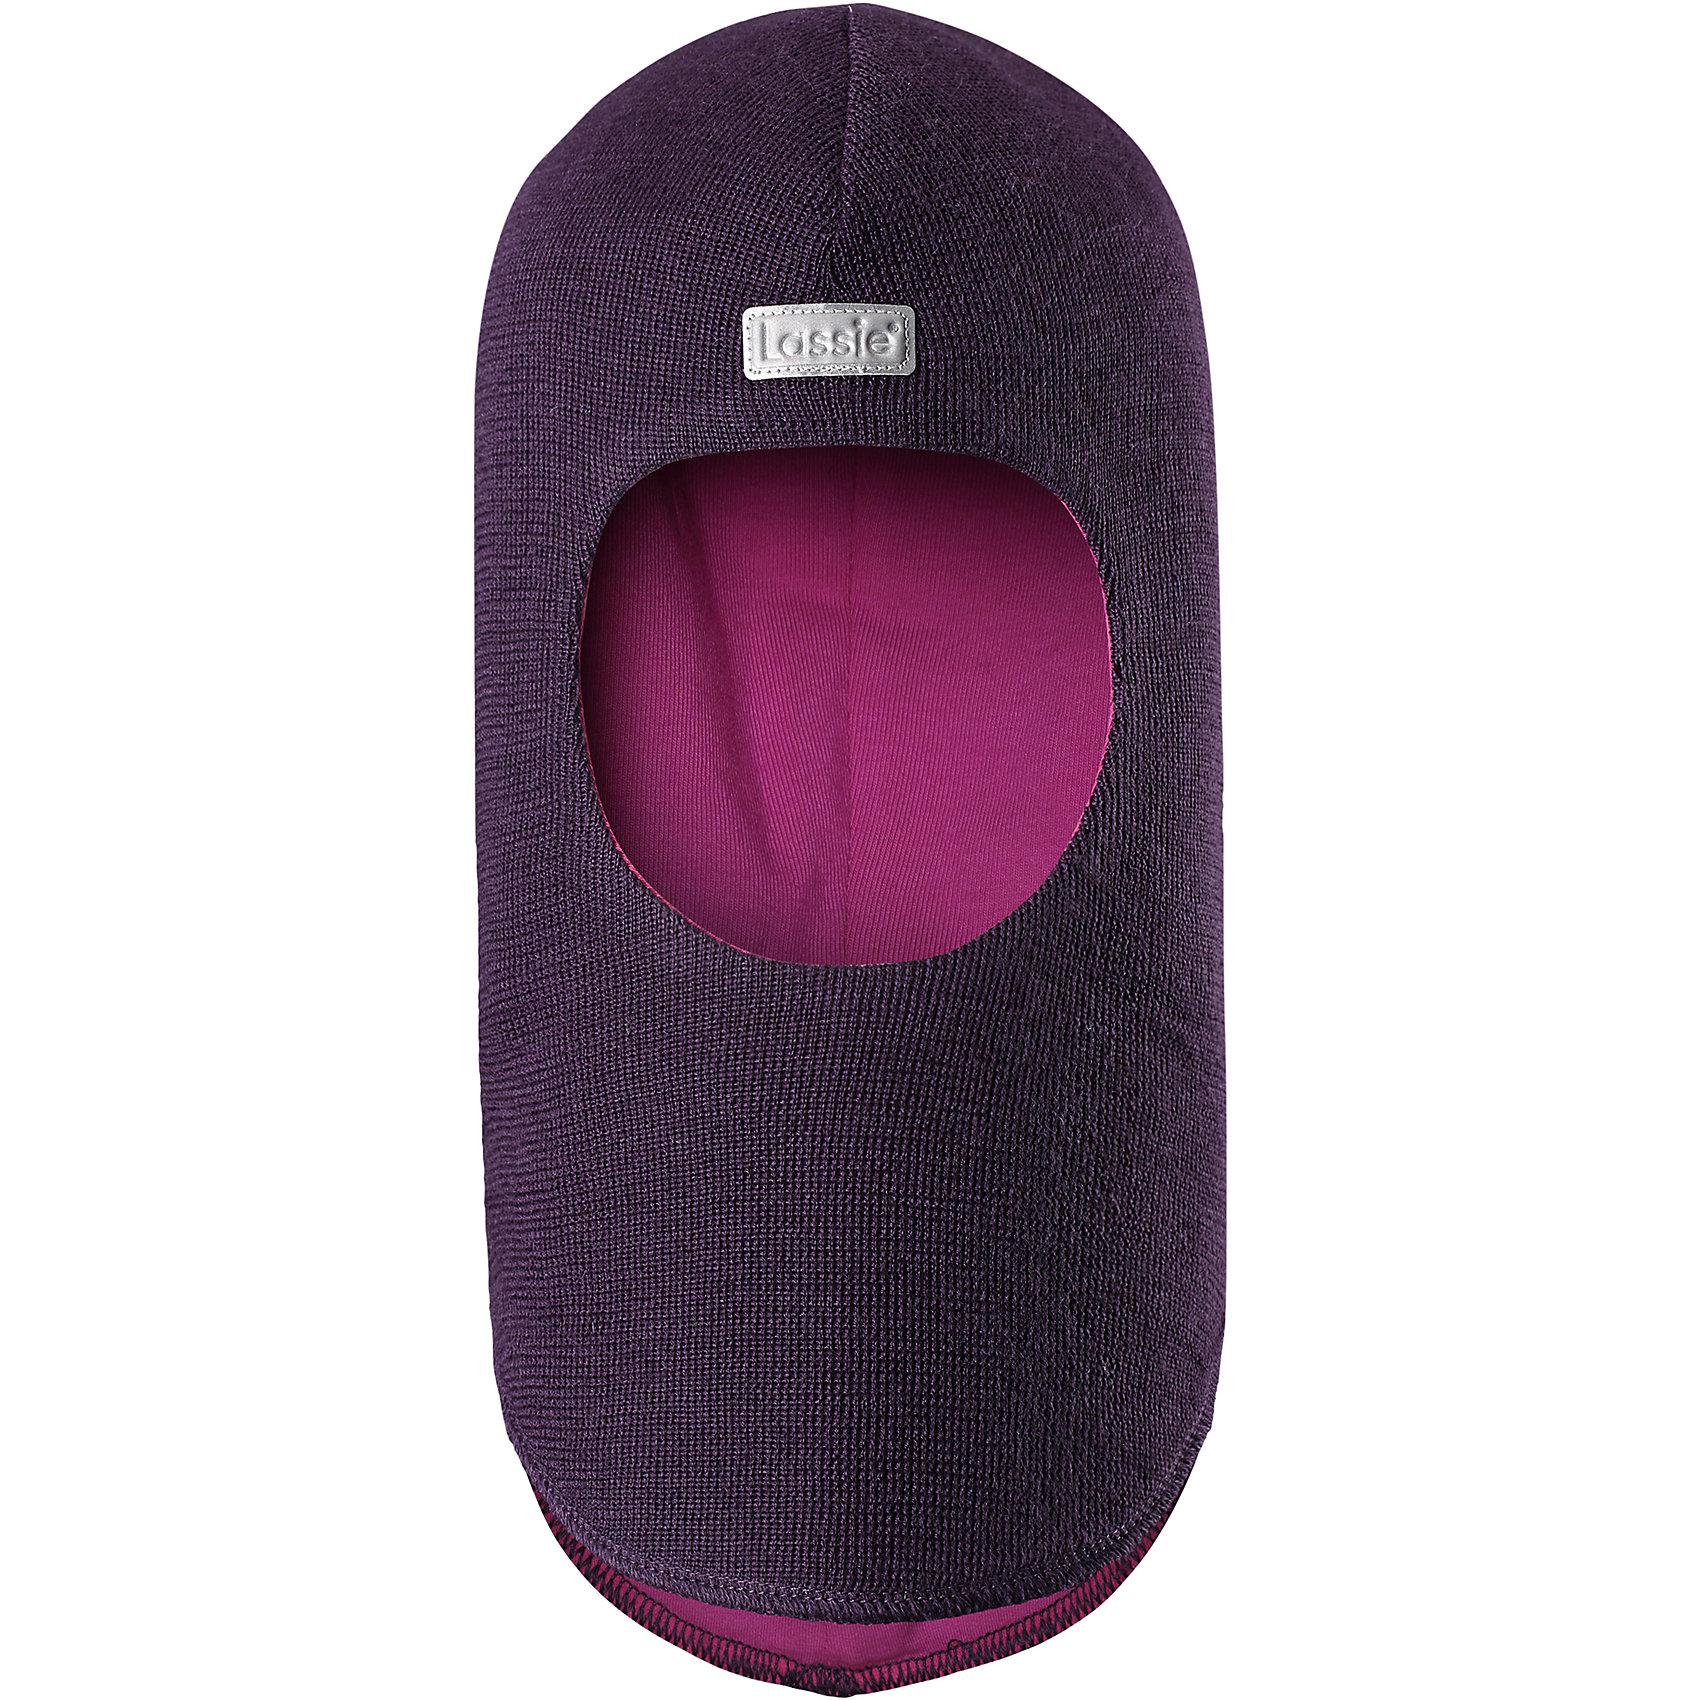 Шапка-шлем LassieШапки и шарфы<br>Характеристики товара:<br><br>• цвет: фиолетовый;<br>• состав: 50% шерсть, 50% полиакрил;<br>• подкладка: 97% хлопок, 3% эластан;<br>• сезон: зима;<br>• температурный режим: от +5 до -20С;<br>• особенности: шерстяная;<br>• мягкая и теплая ткань из смеси шерсти;<br>• ветронепроницаемые вставки в области ушей;<br>• сплошная подкладка: приятный на ощупь хлопковый трикотаж с эластаном;<br>• светоотражающая эмблема спереди;<br>• страна бренда: Финляндия;<br>• страна изготовитель: Китай;<br><br>Зимняя шапка-шлем на подкладке. Шапка из смеси шерсти с ветронепроницаемыми вставками в области ушей защитит от морозов. Шапка на мягкой трикотажной подкладке не будет раздражать кожу ребенка. Шапка снабжена светоотражающим элементом спереди.<br><br>Шапку Lassie (Ласси) можно купить в нашем интернет-магазине.<br><br>Ширина мм: 89<br>Глубина мм: 117<br>Высота мм: 44<br>Вес г: 155<br>Цвет: лиловый<br>Возраст от месяцев: 72<br>Возраст до месяцев: 144<br>Пол: Женский<br>Возраст: Детский<br>Размер: 54-56,50-52,44-46,46-48<br>SKU: 6905677